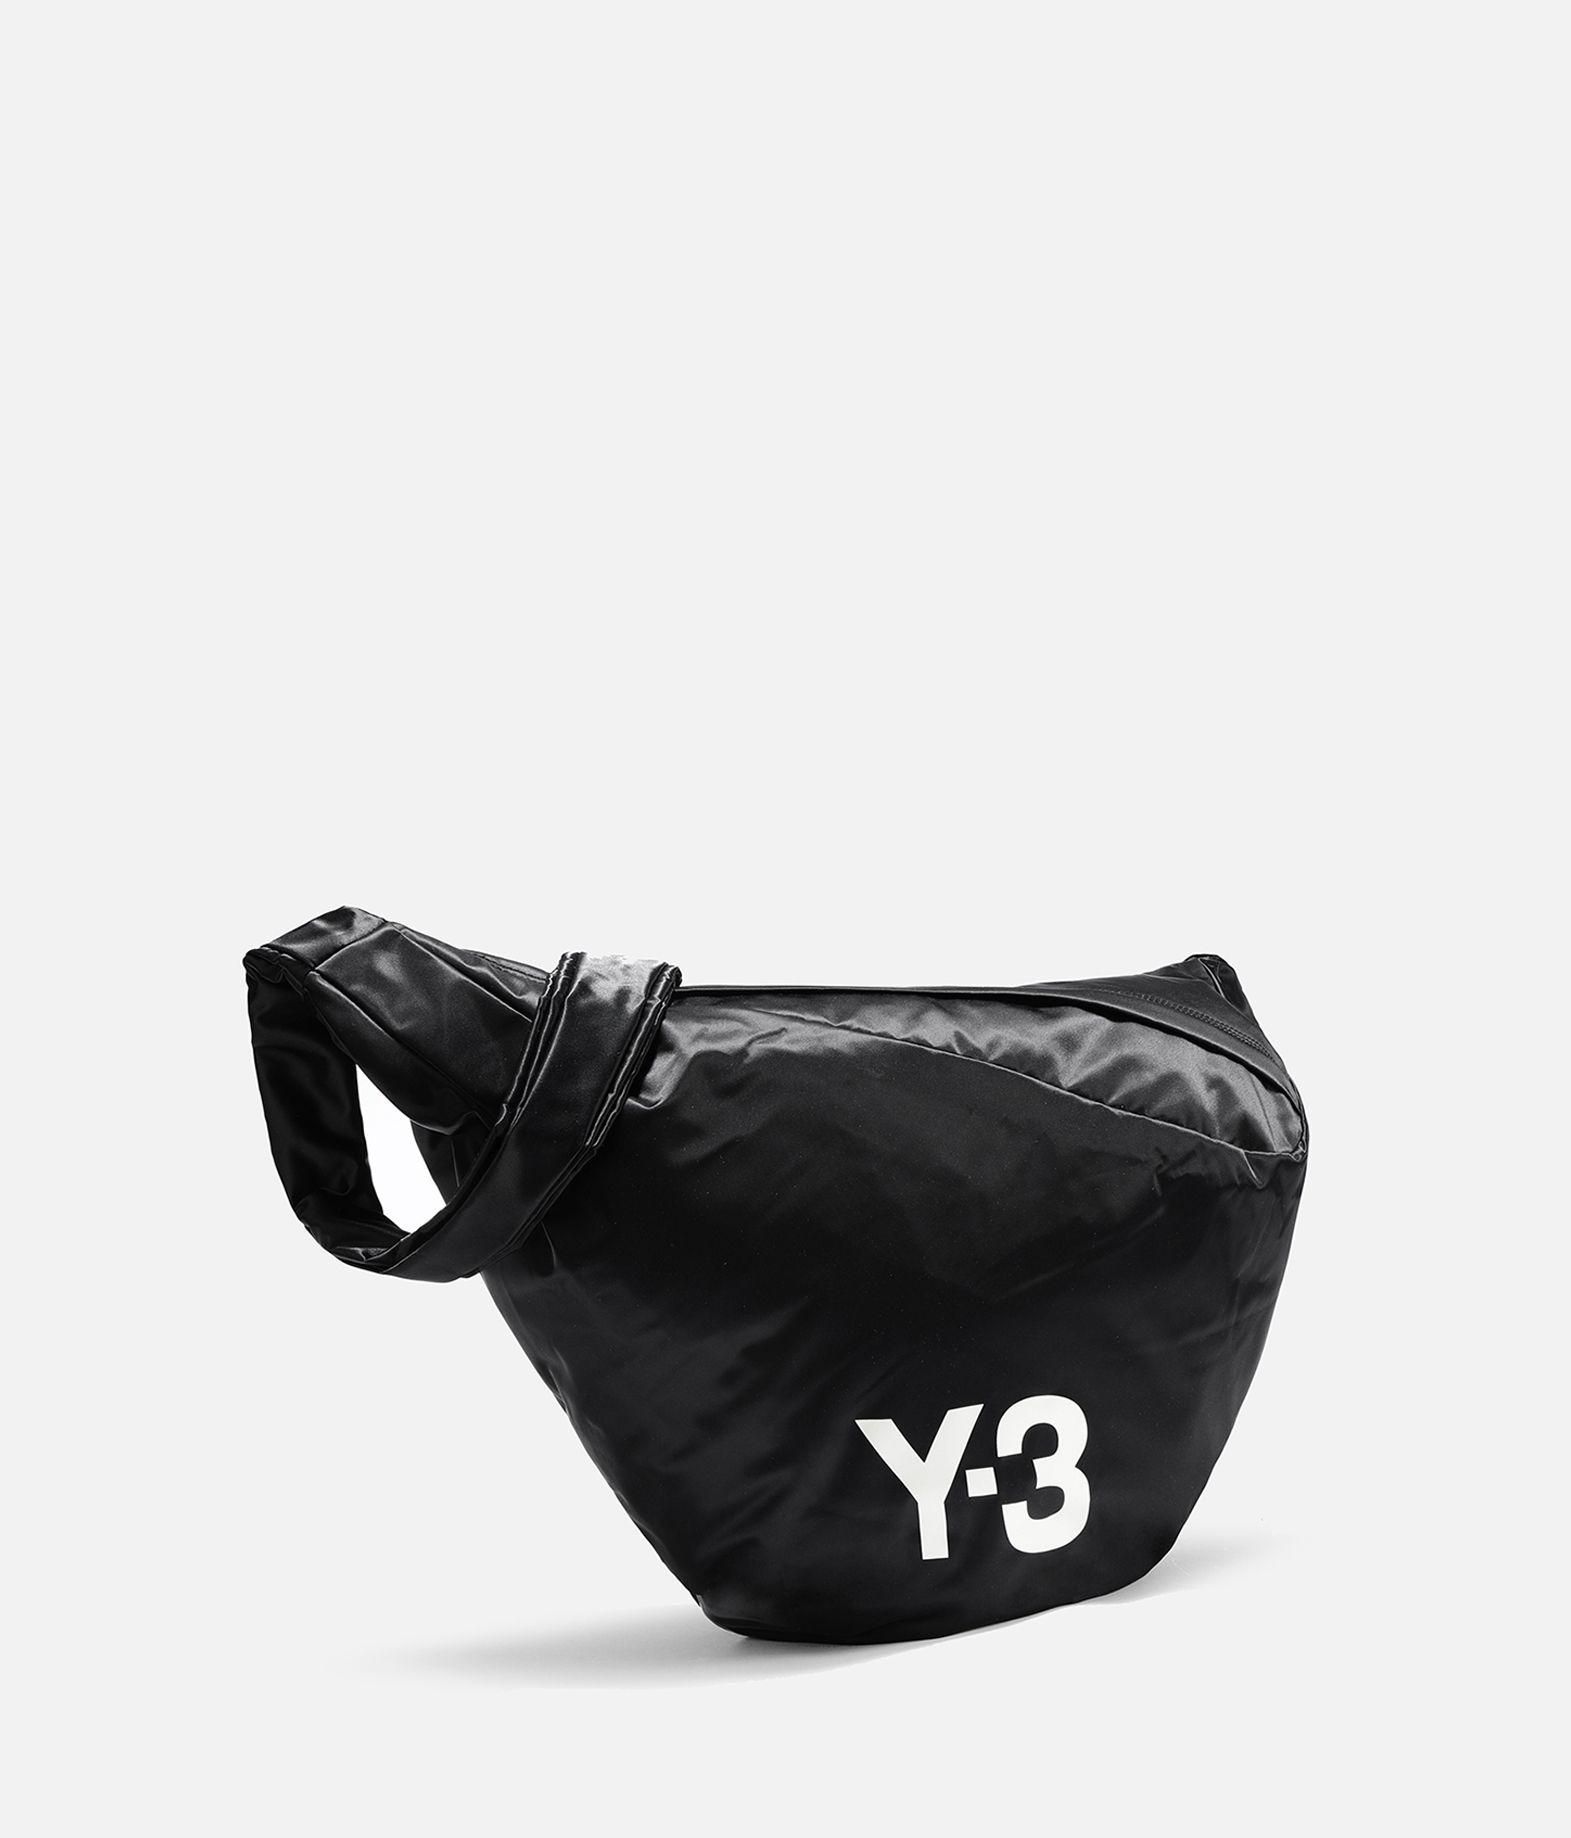 Y-3 Y-3 Sneaker Bag Handbag E d